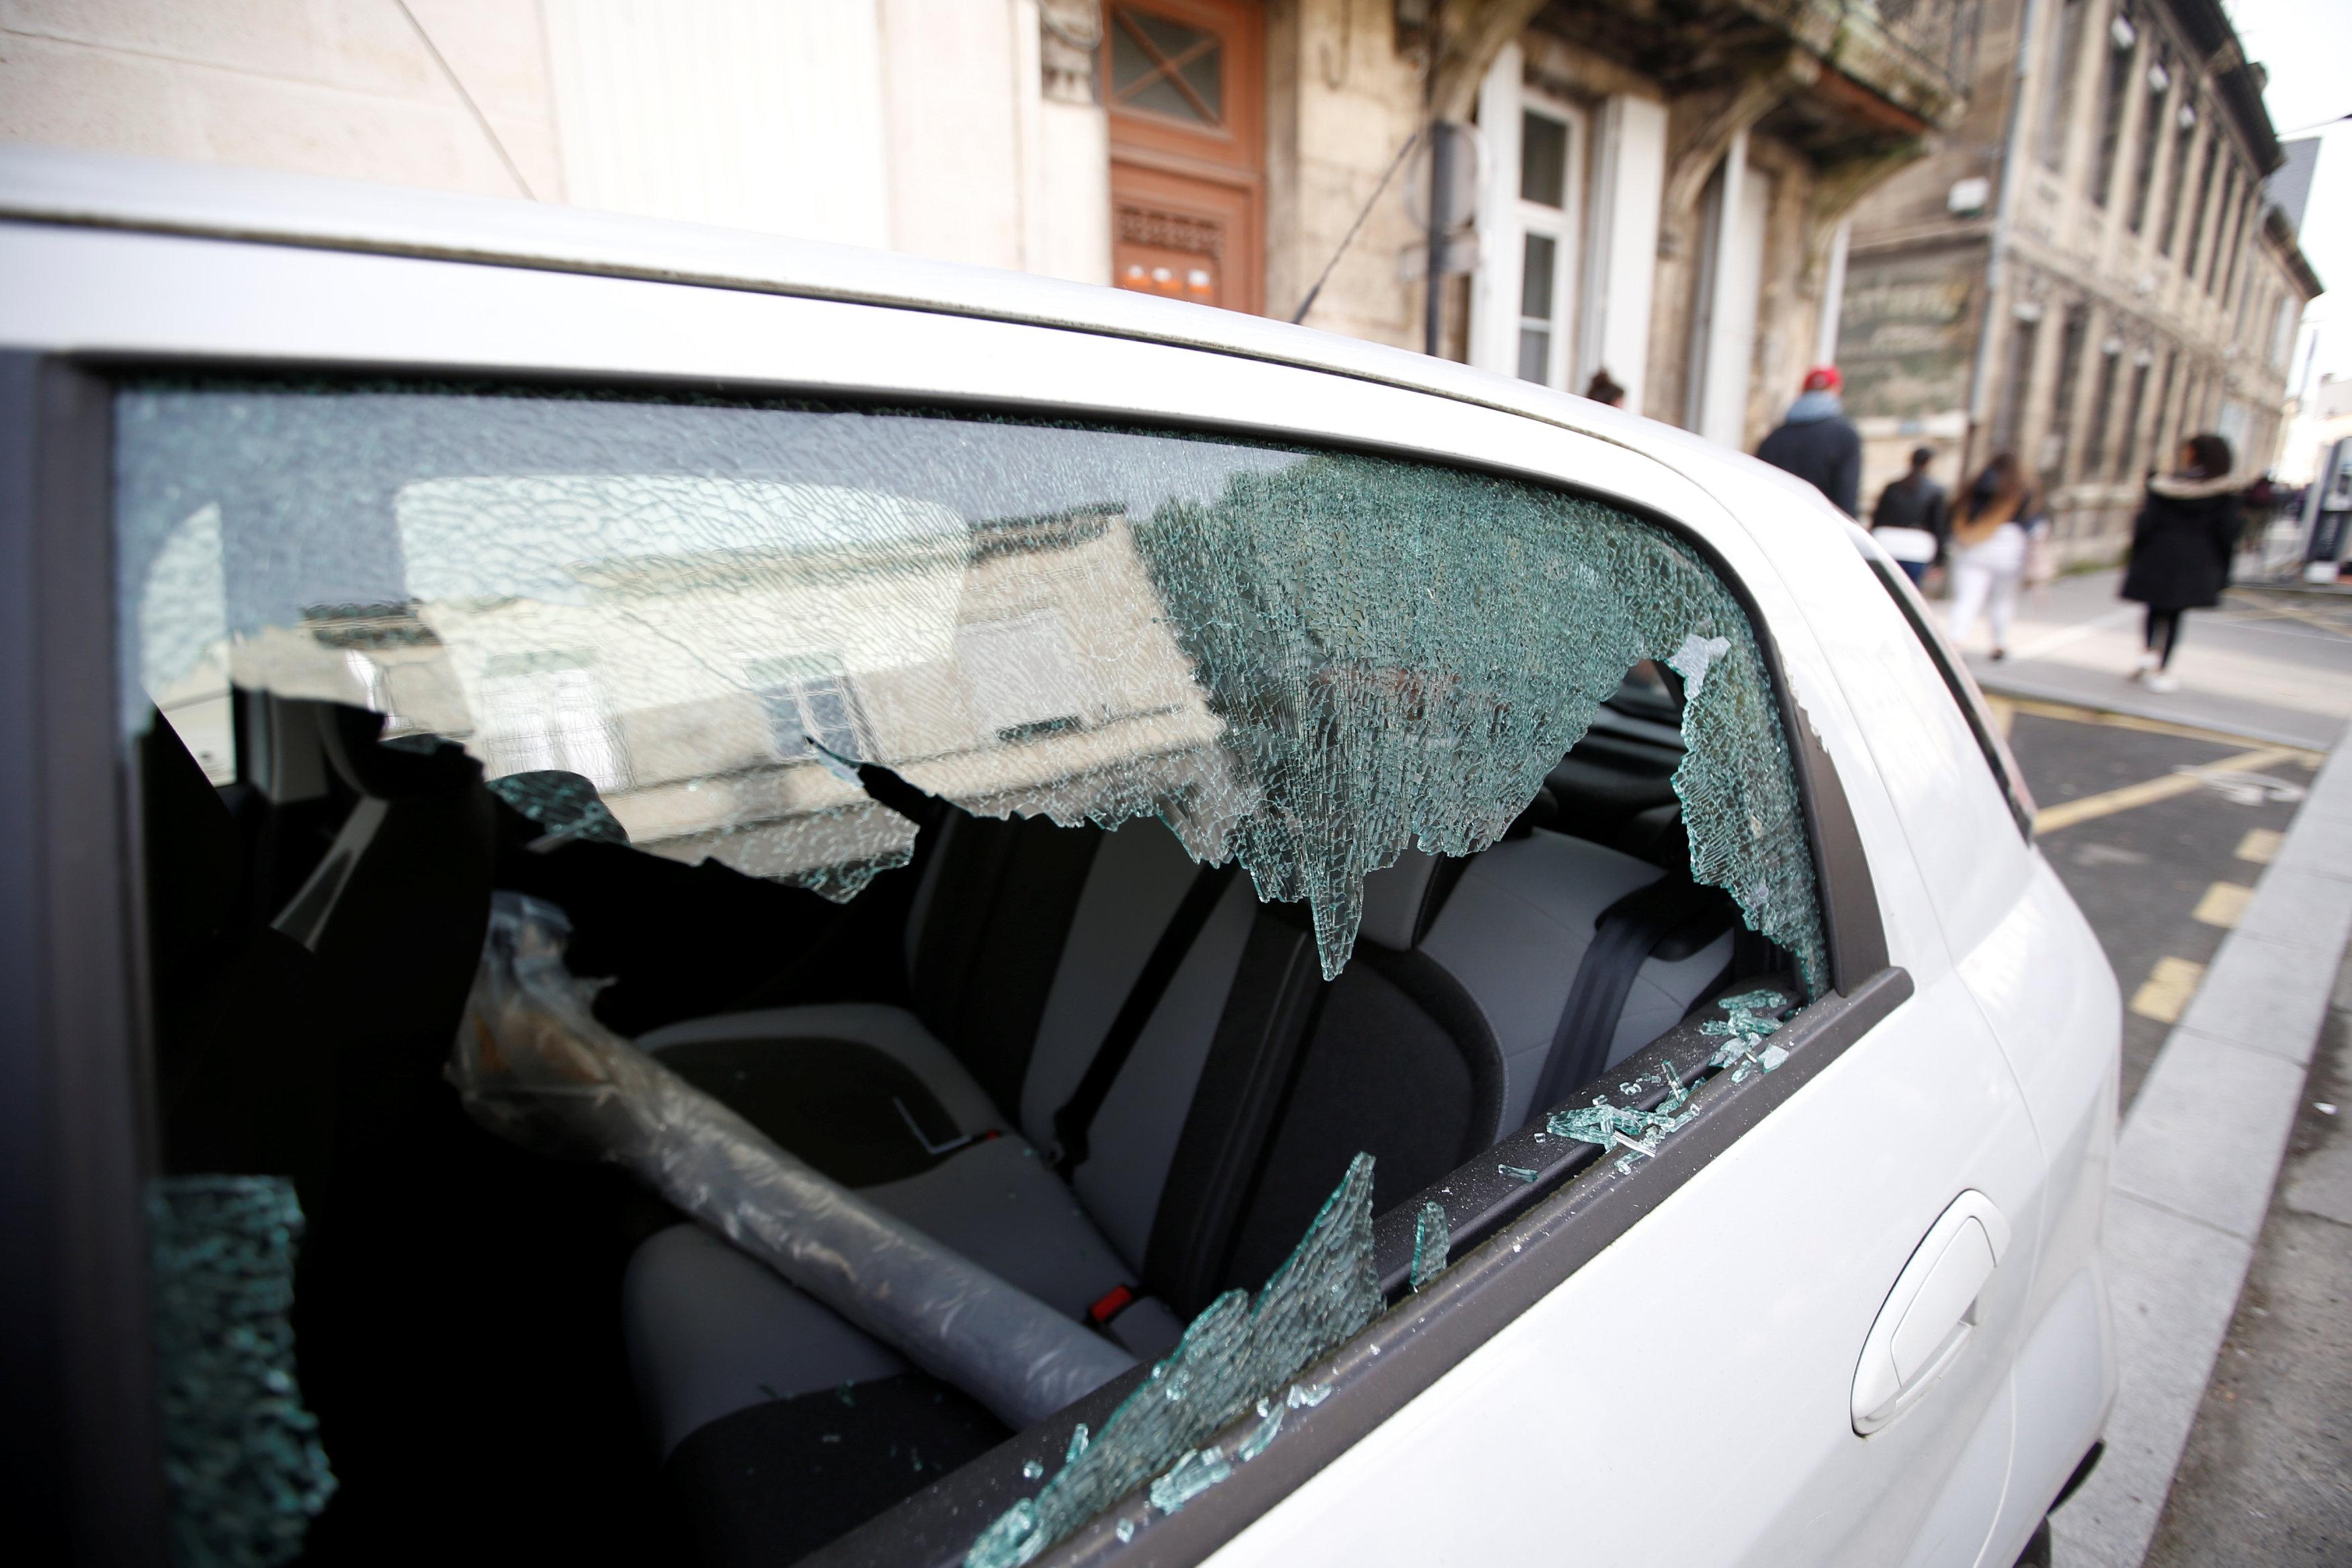 أحد السيارات وقد هشمها دعاة الفوضى